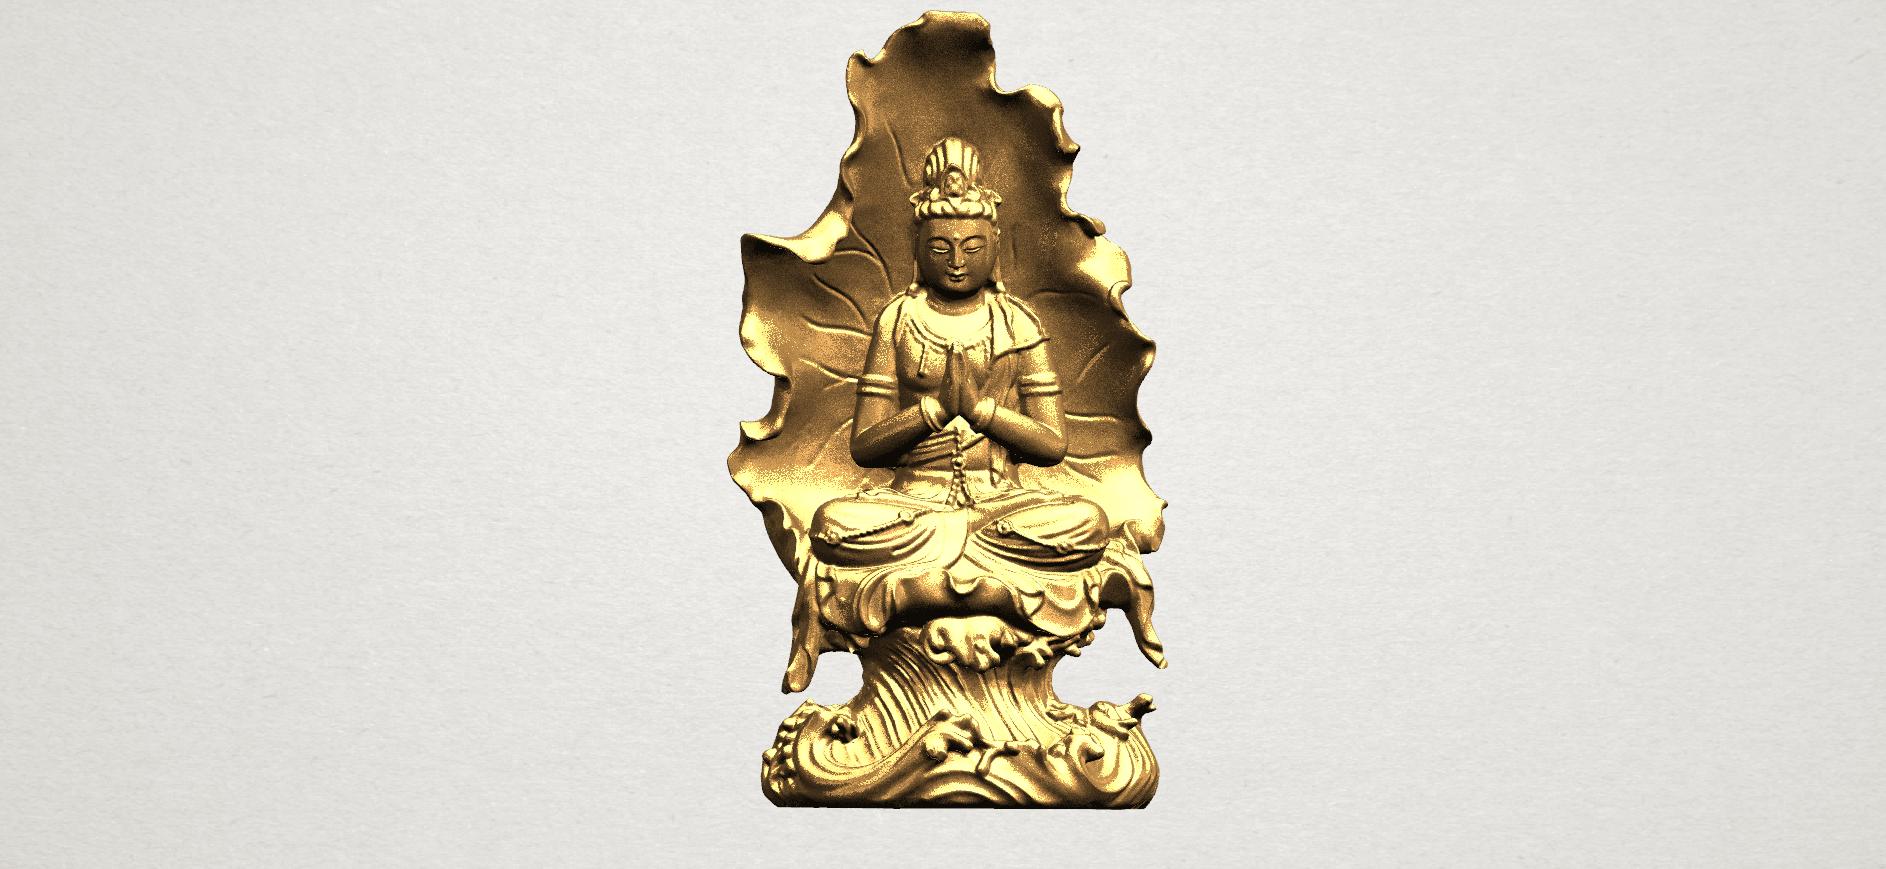 Avalokitesvara Buddha (with Lotus Leave) (ii) A01.png Download free STL file Avalokitesvara Buddha (with Lotus Leave) 02 • Model to 3D print, GeorgesNikkei